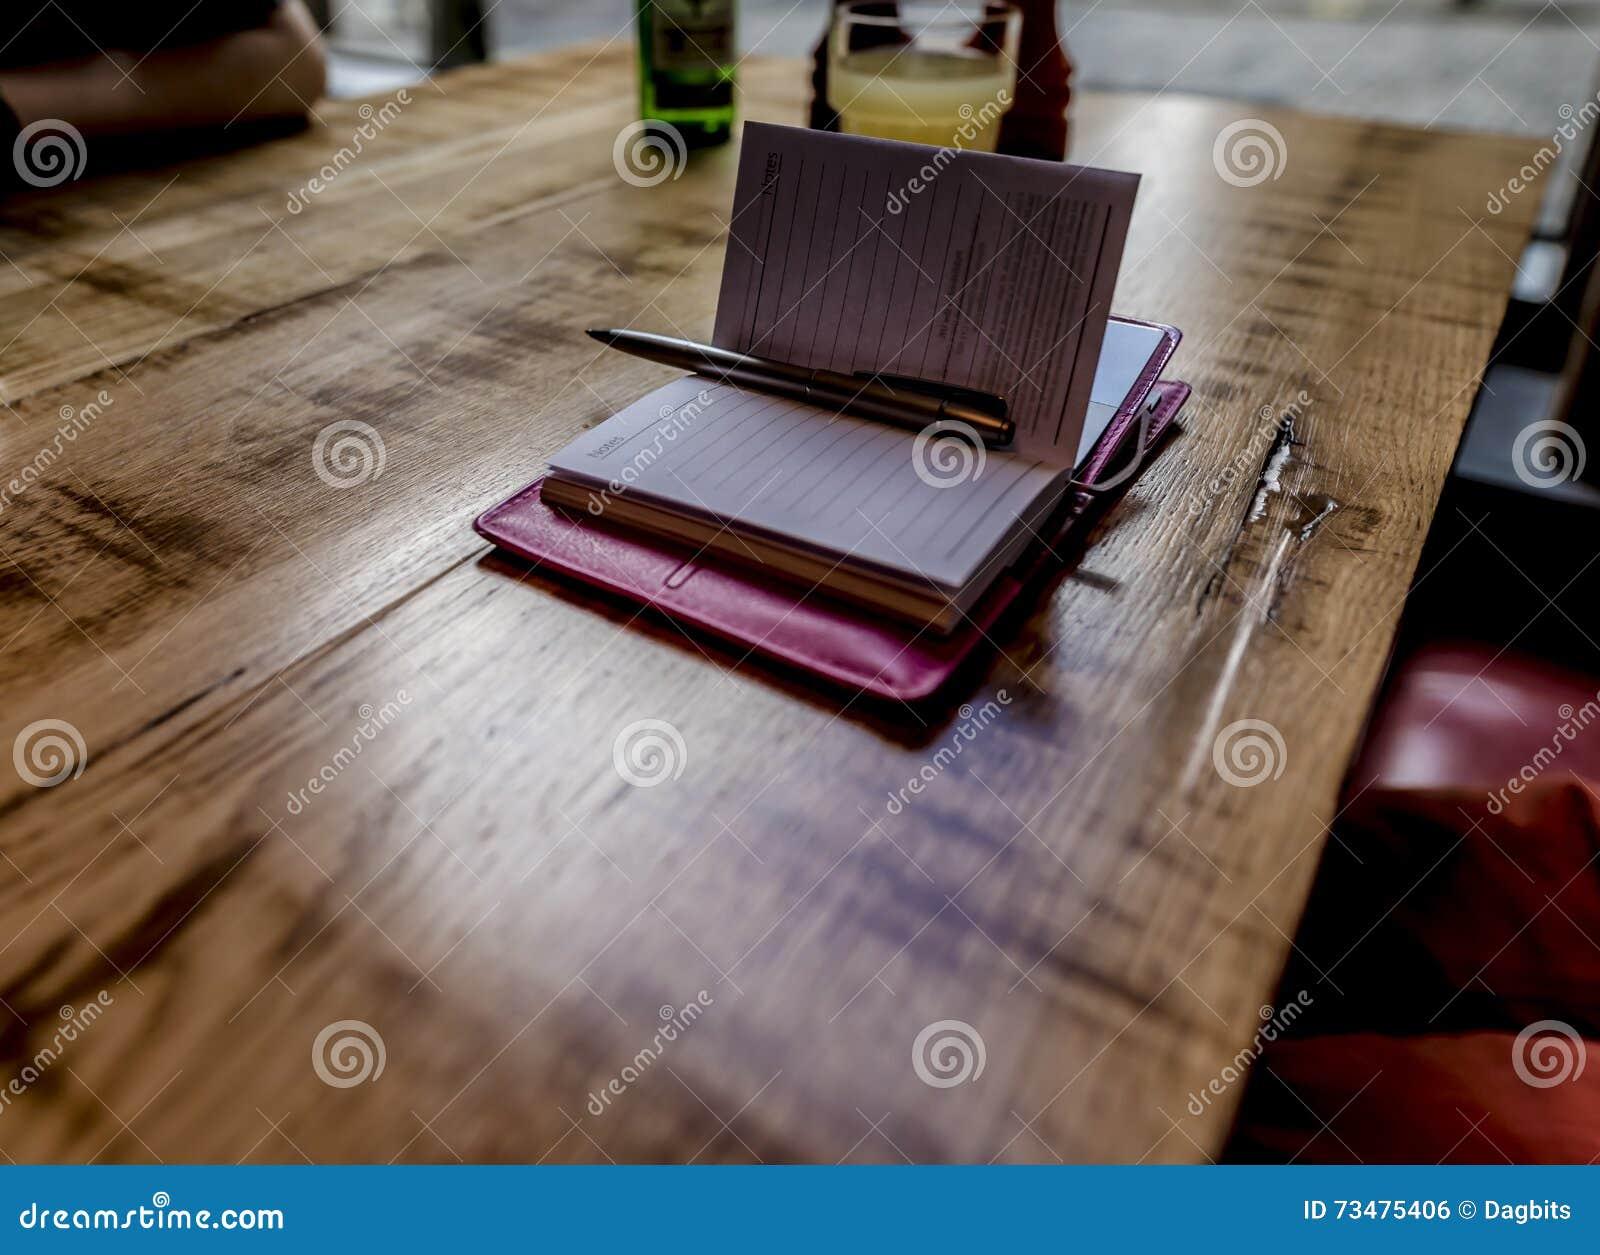 开放的笔记本